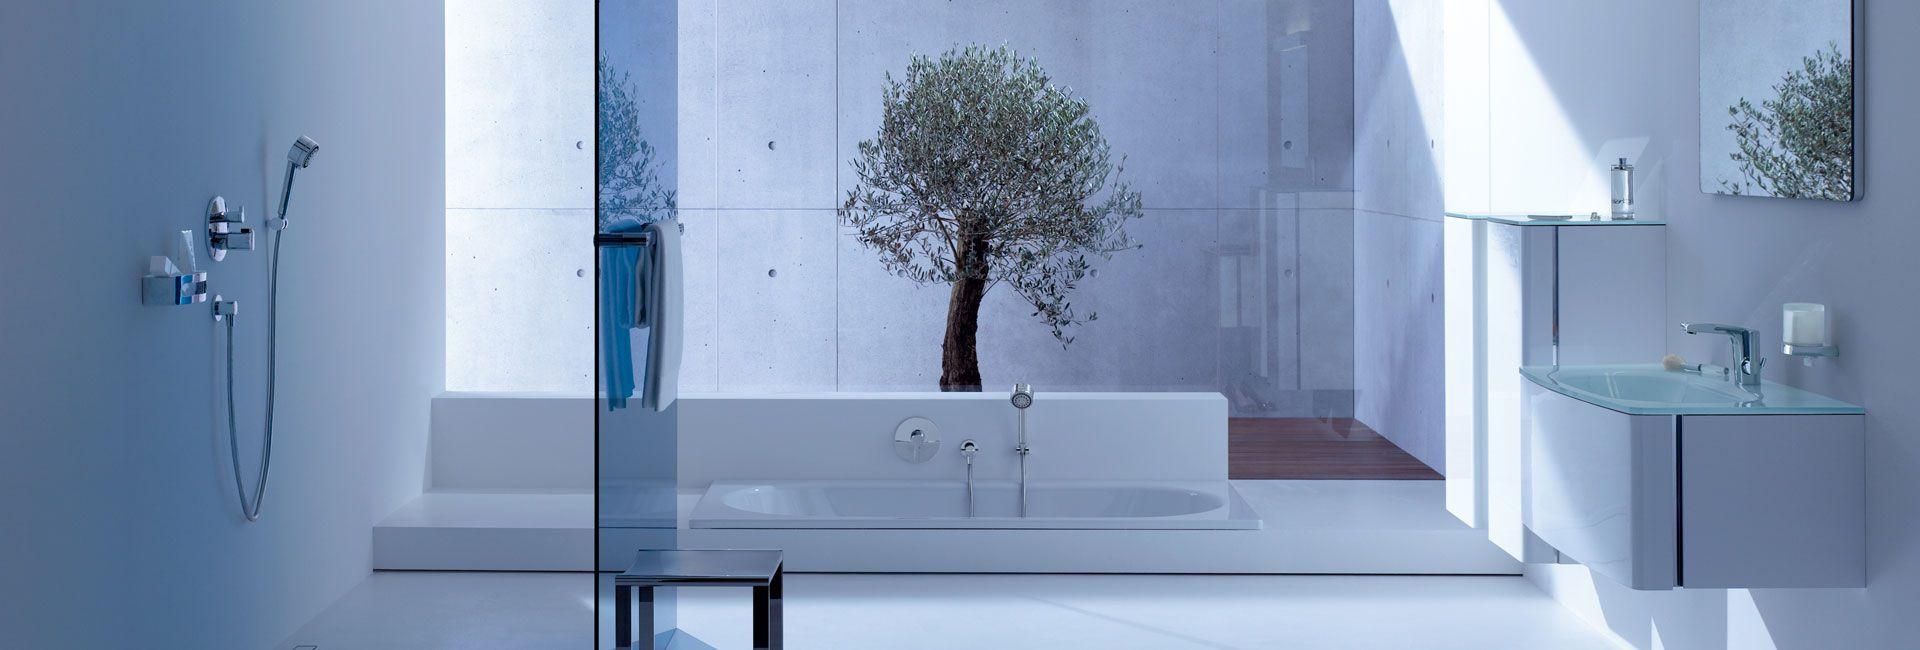 fördermittel für das bad - fördermittel badezimmer - ihr, Badezimmer ideen